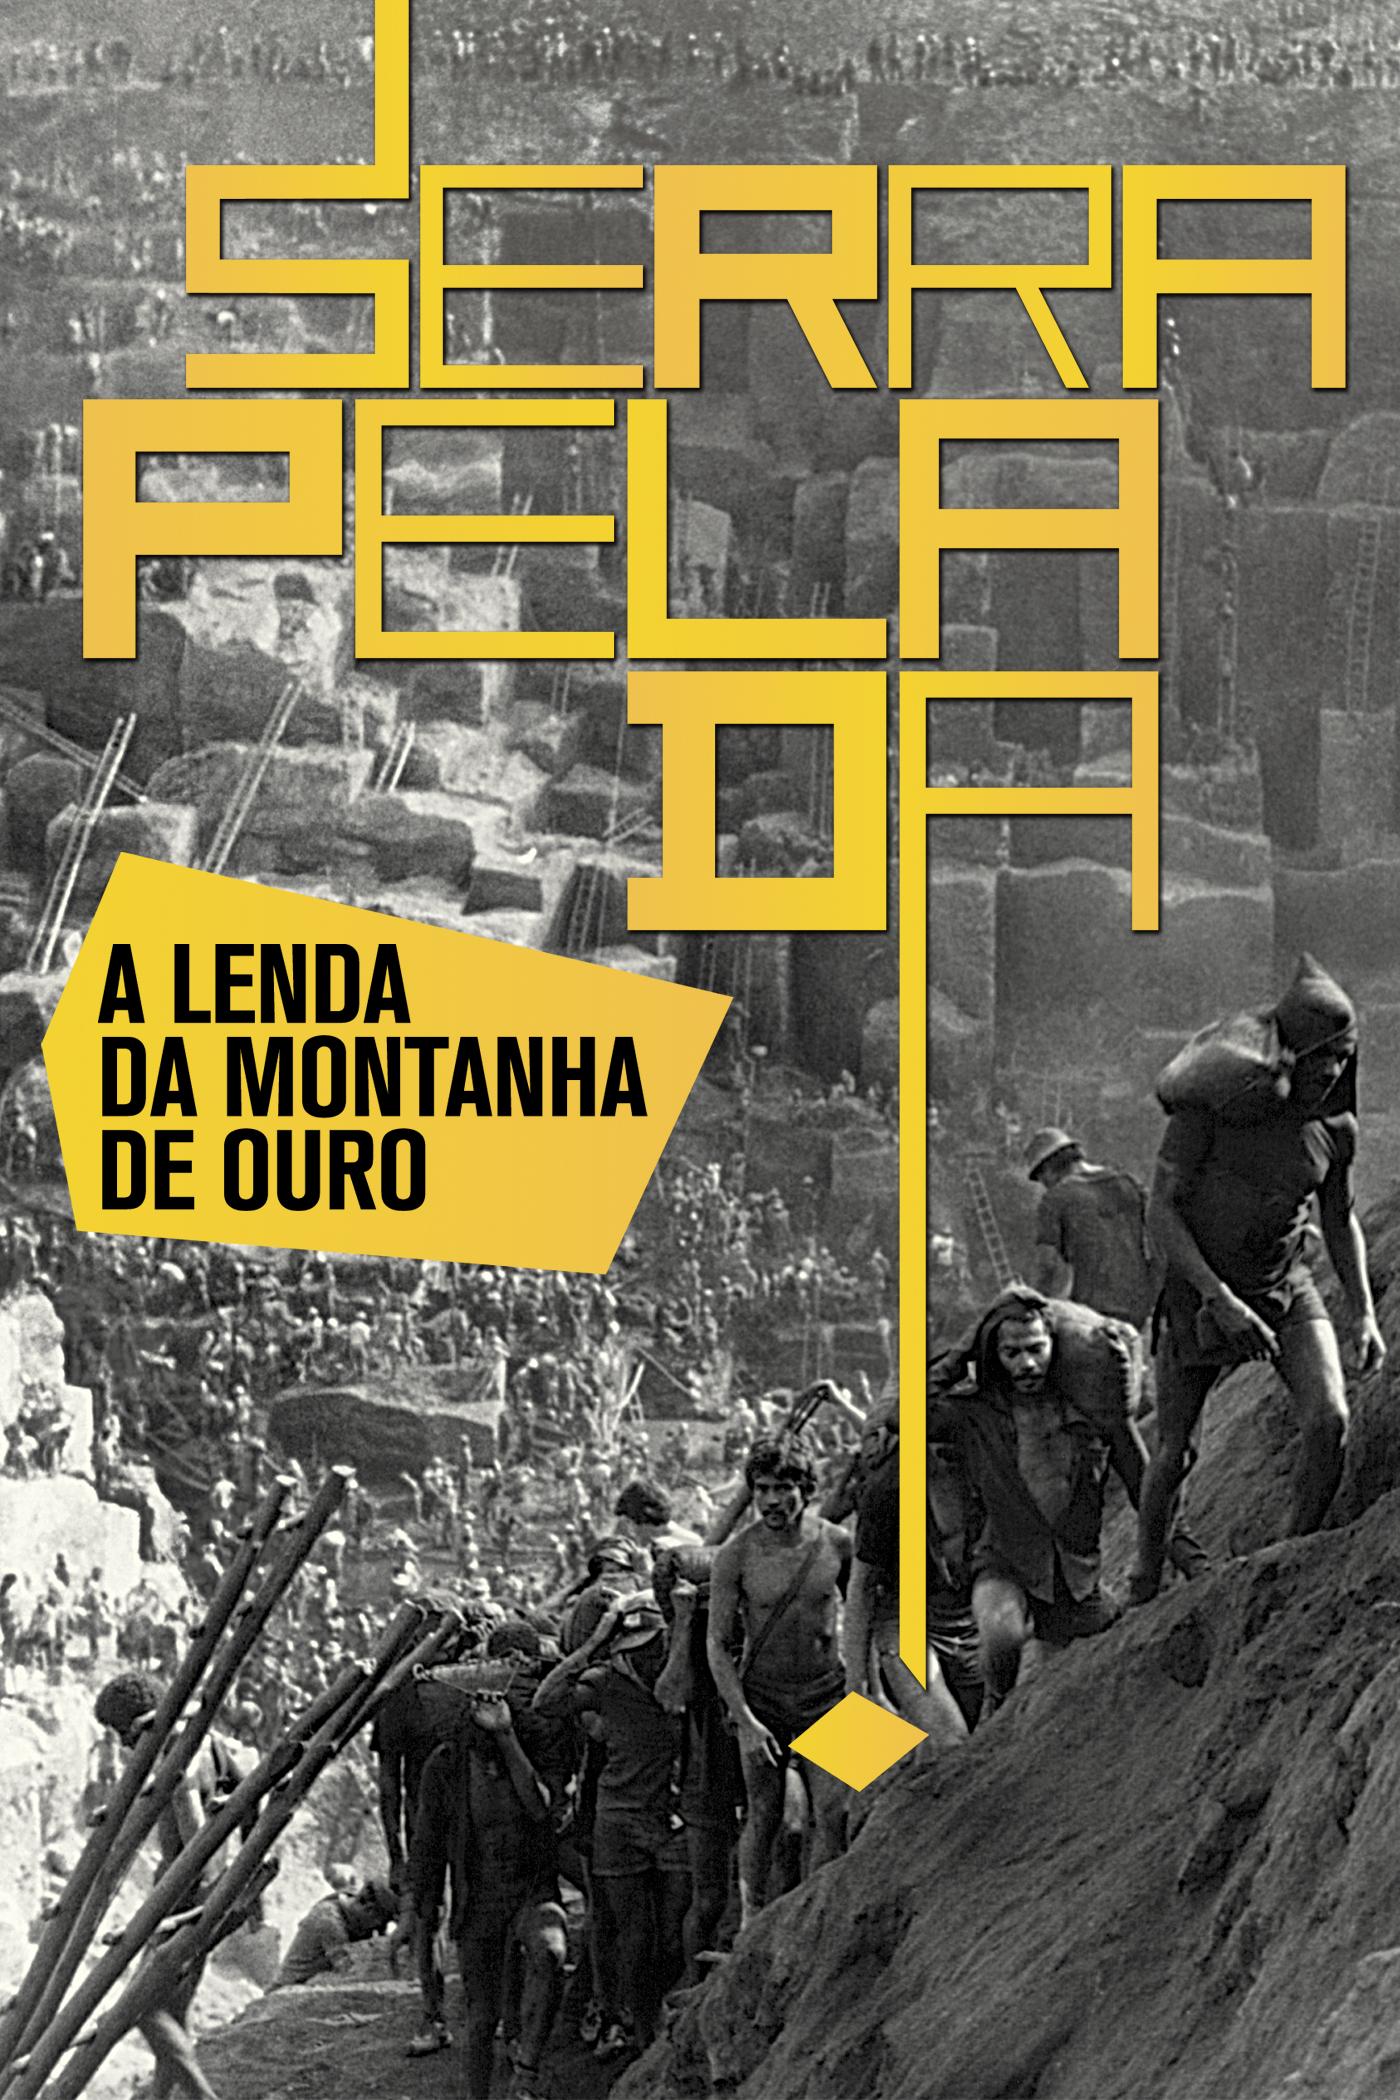 Serra Pelada: A Lenda da Montanha de Ouro WEBRip RMVB Nacional